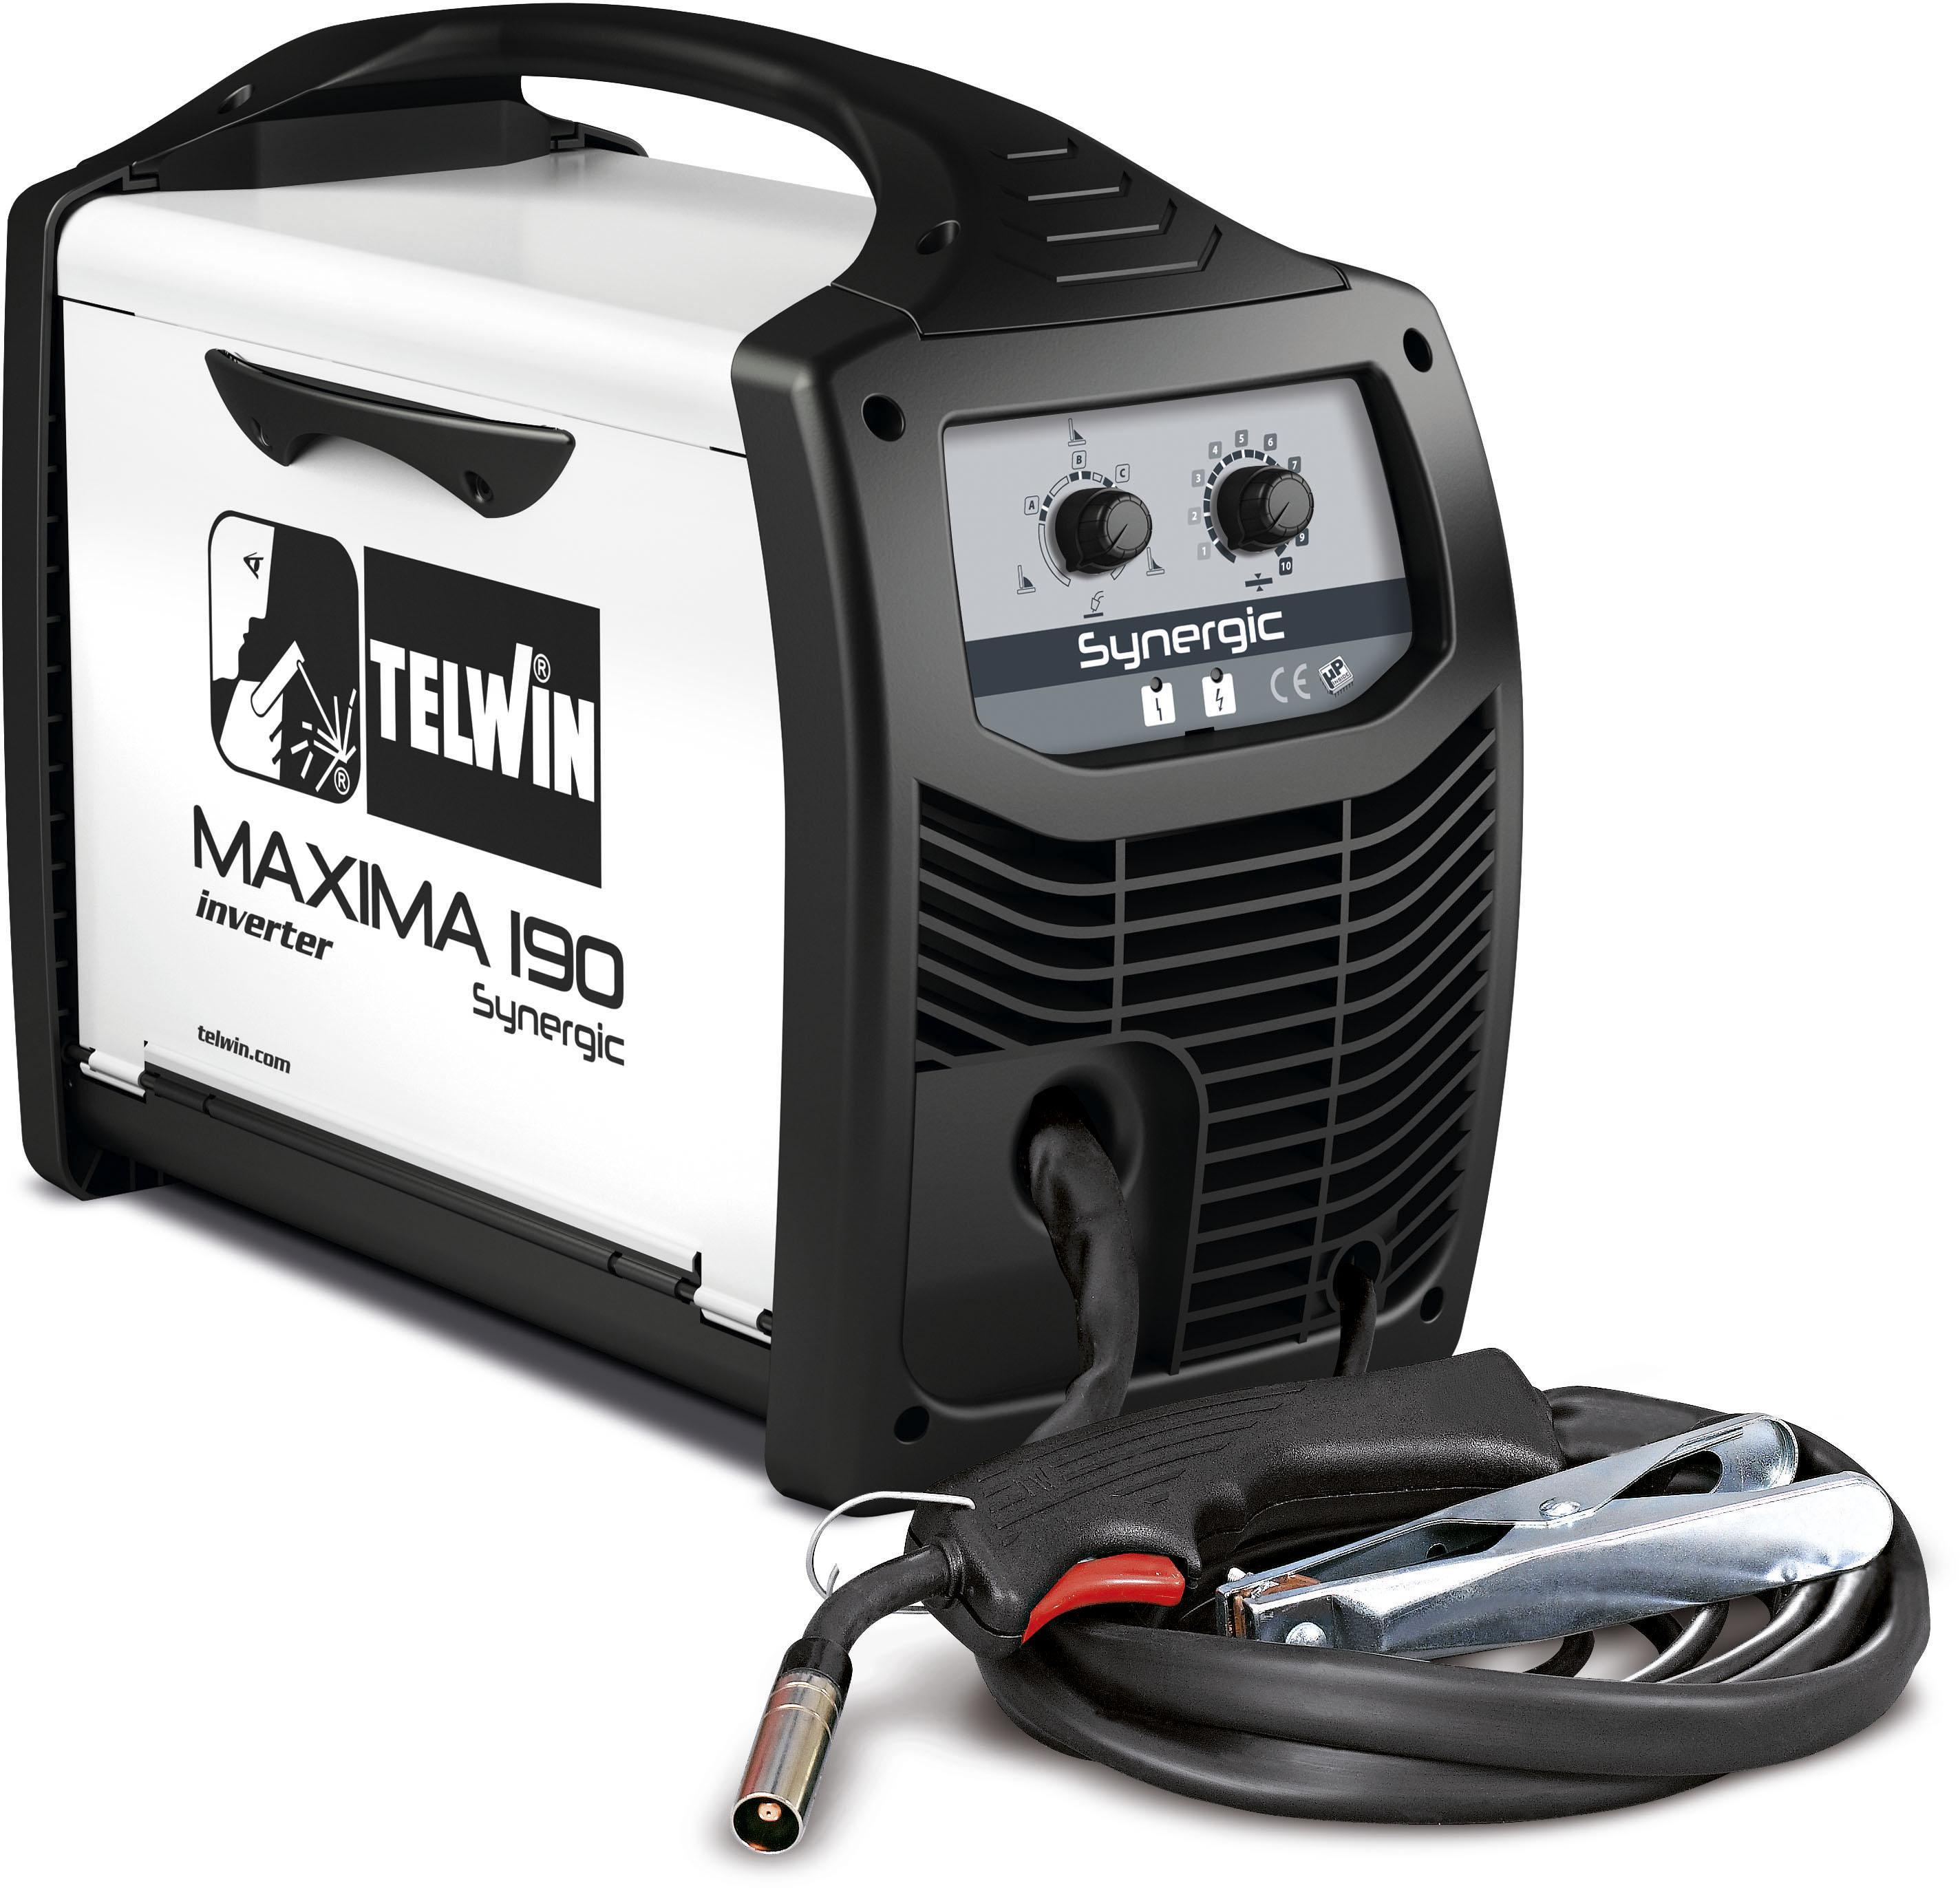 Купить Сварочный аппарат Telwin Maxima 190 synergic 230v